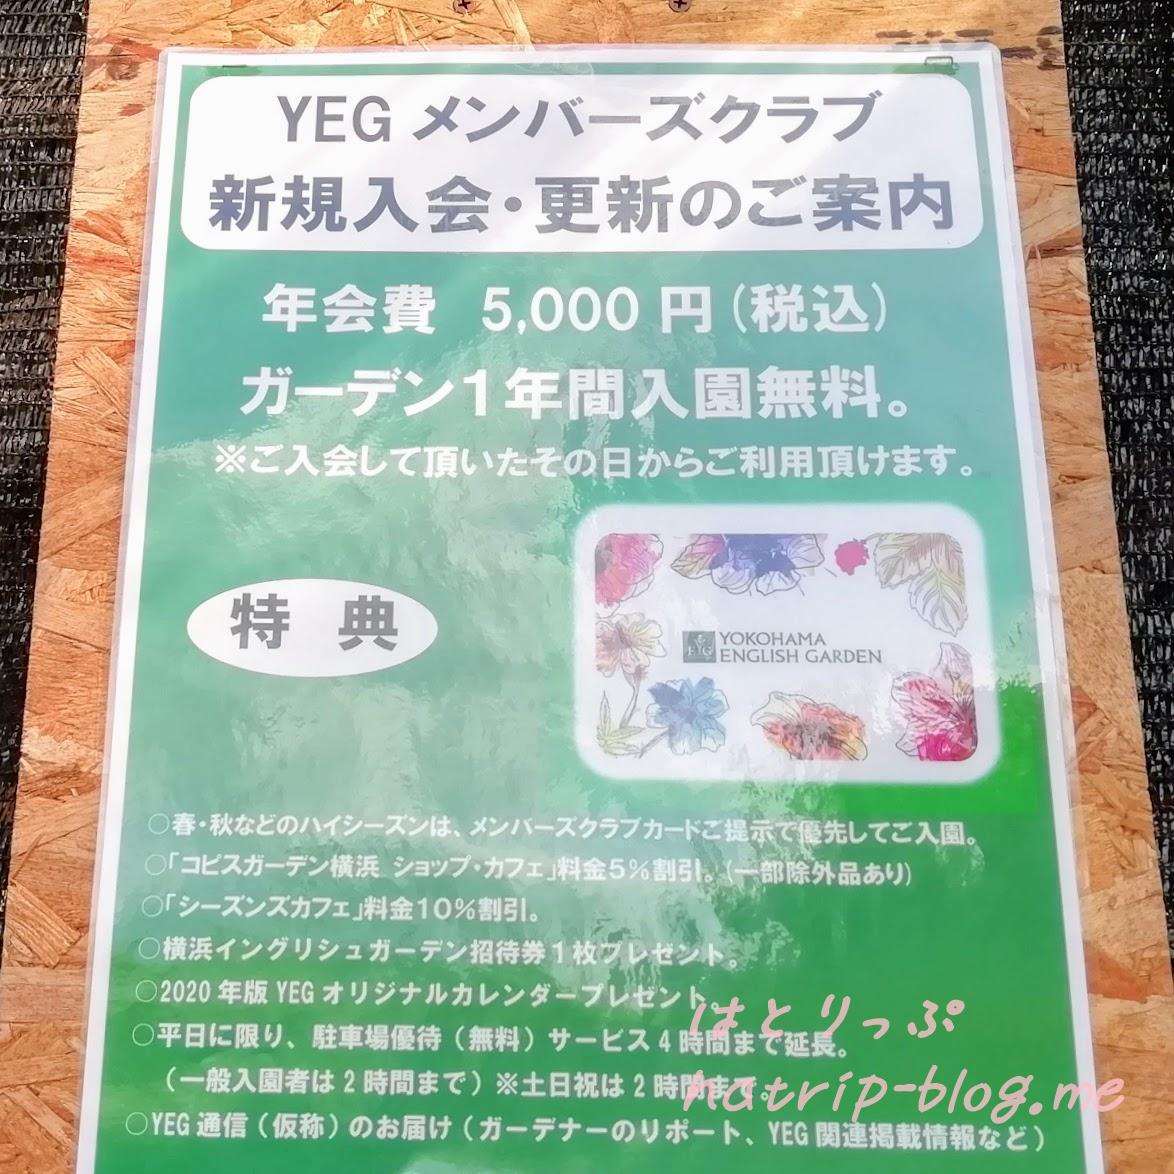 横浜イングリッシュガーデン YEGメンバーズクラブ